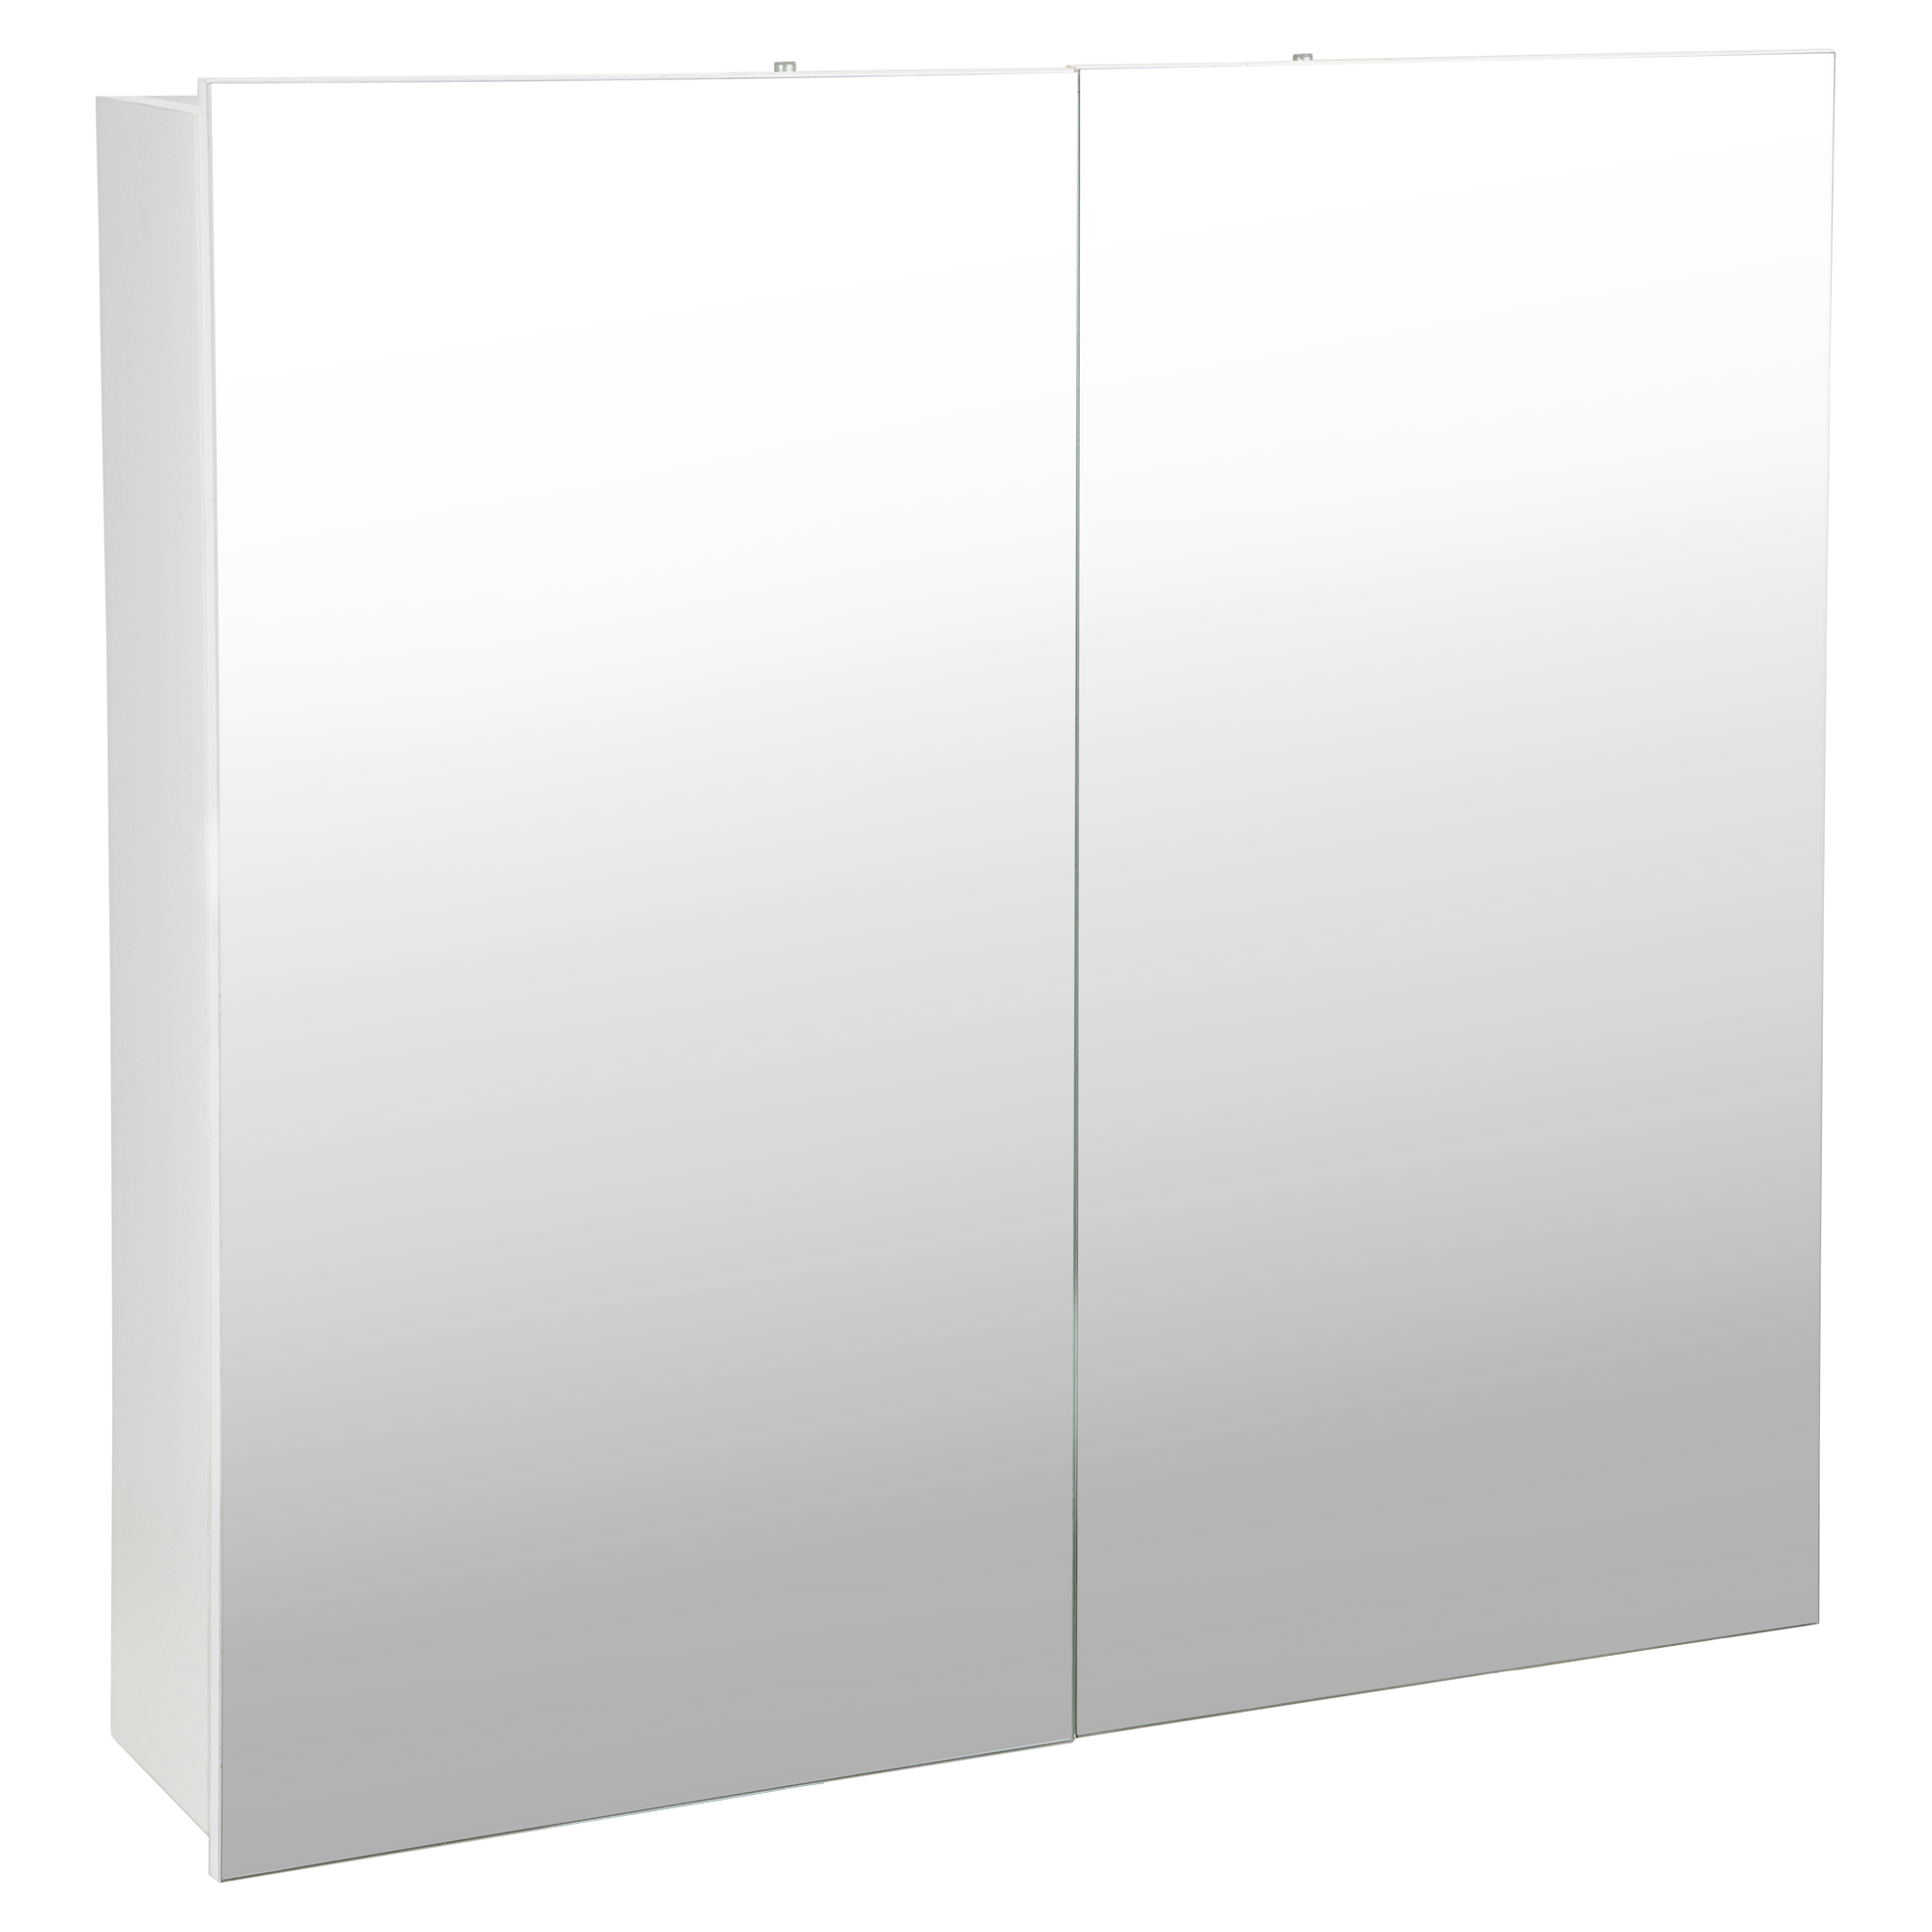 Der Spiegelschrank Padova Ist Mit Seinem Klassischen Design Fur Jedes Badezimmer Geeignet Badezimmer Spiegelschrank Spiegelschrank Badezimmer Led